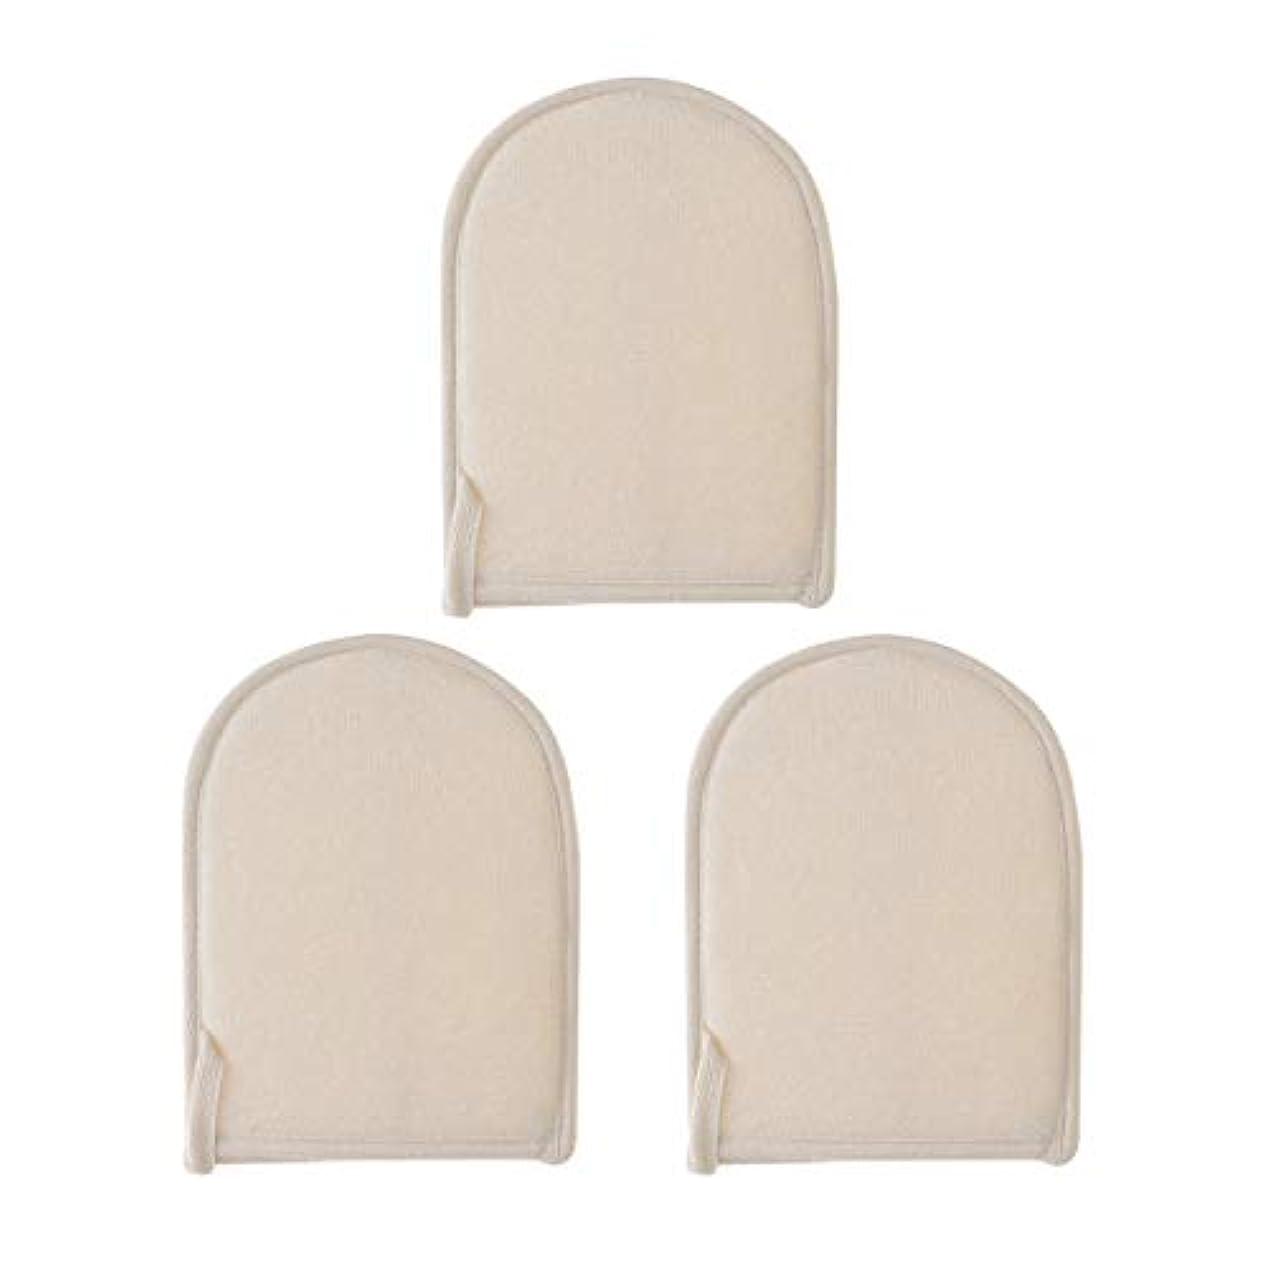 洋服繊毛止まるHEALIFTY ボディクリーニング手袋バス剥離手袋シャワースポンジスクラバー3個